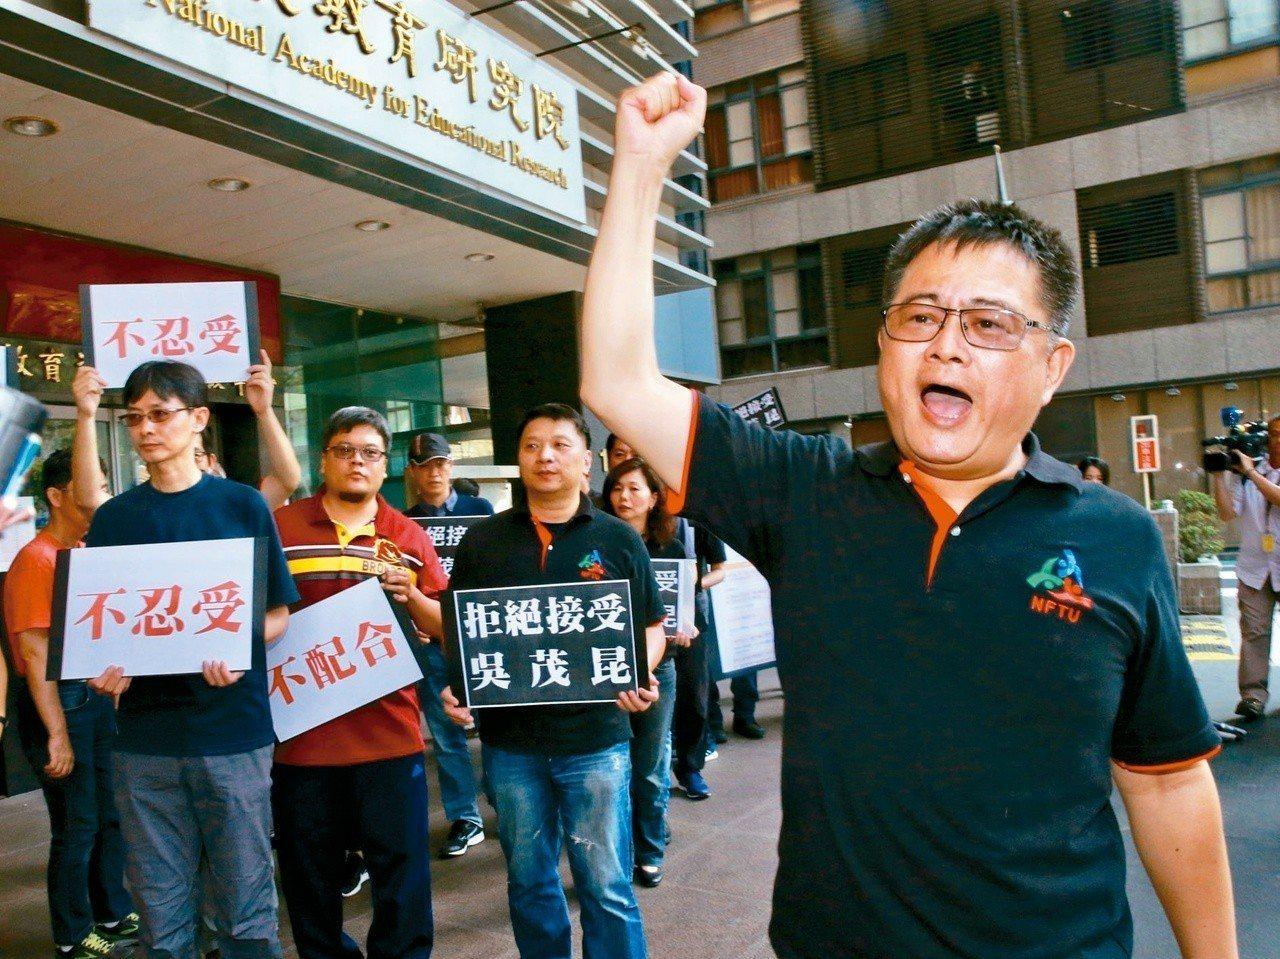 全教總抵制爭議纏身的教育部長吳茂昆,日前宣布四位教師代表拒絕出席課審大會。 圖/...